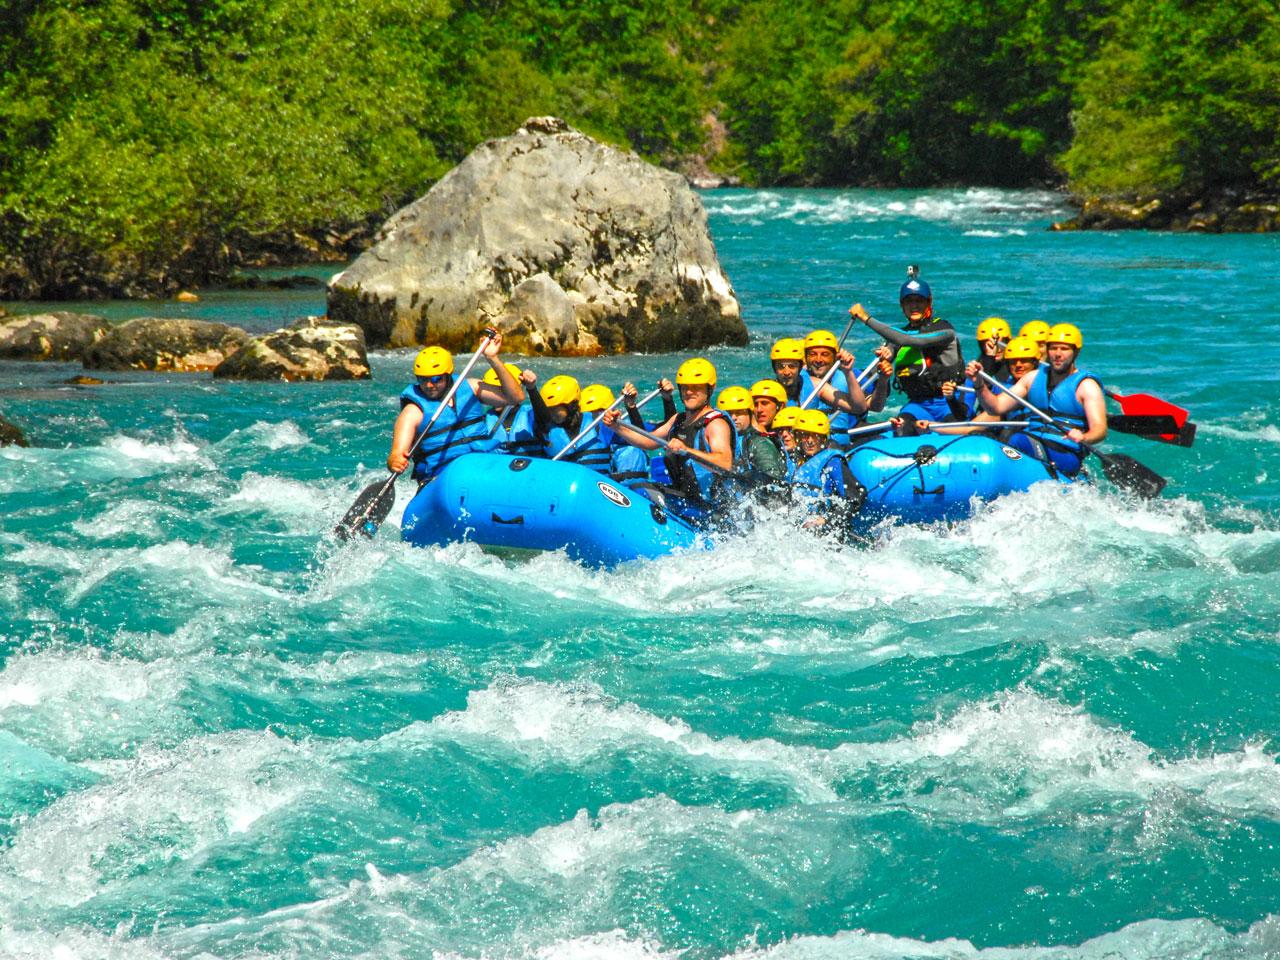 Rafting Tara - Rapids